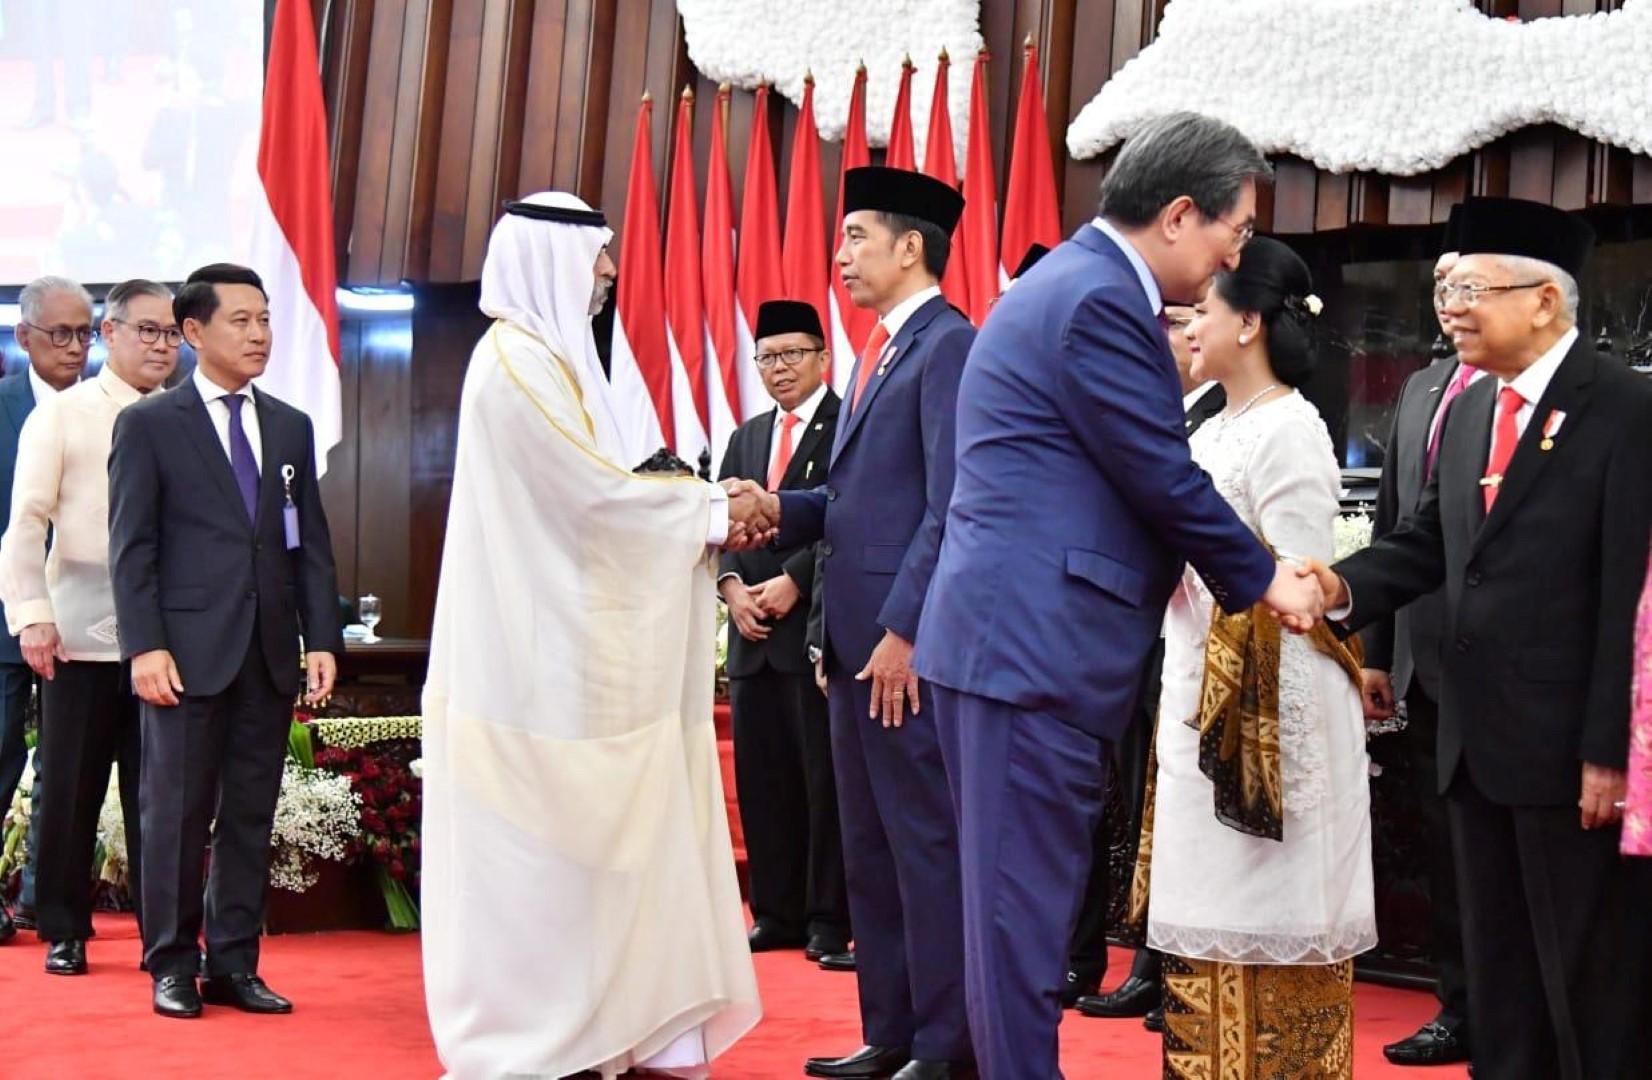 نهيان بن مبارك يترأس وفد الدولة المشارك في حفل تنصيب الرئيس الإندونيسي